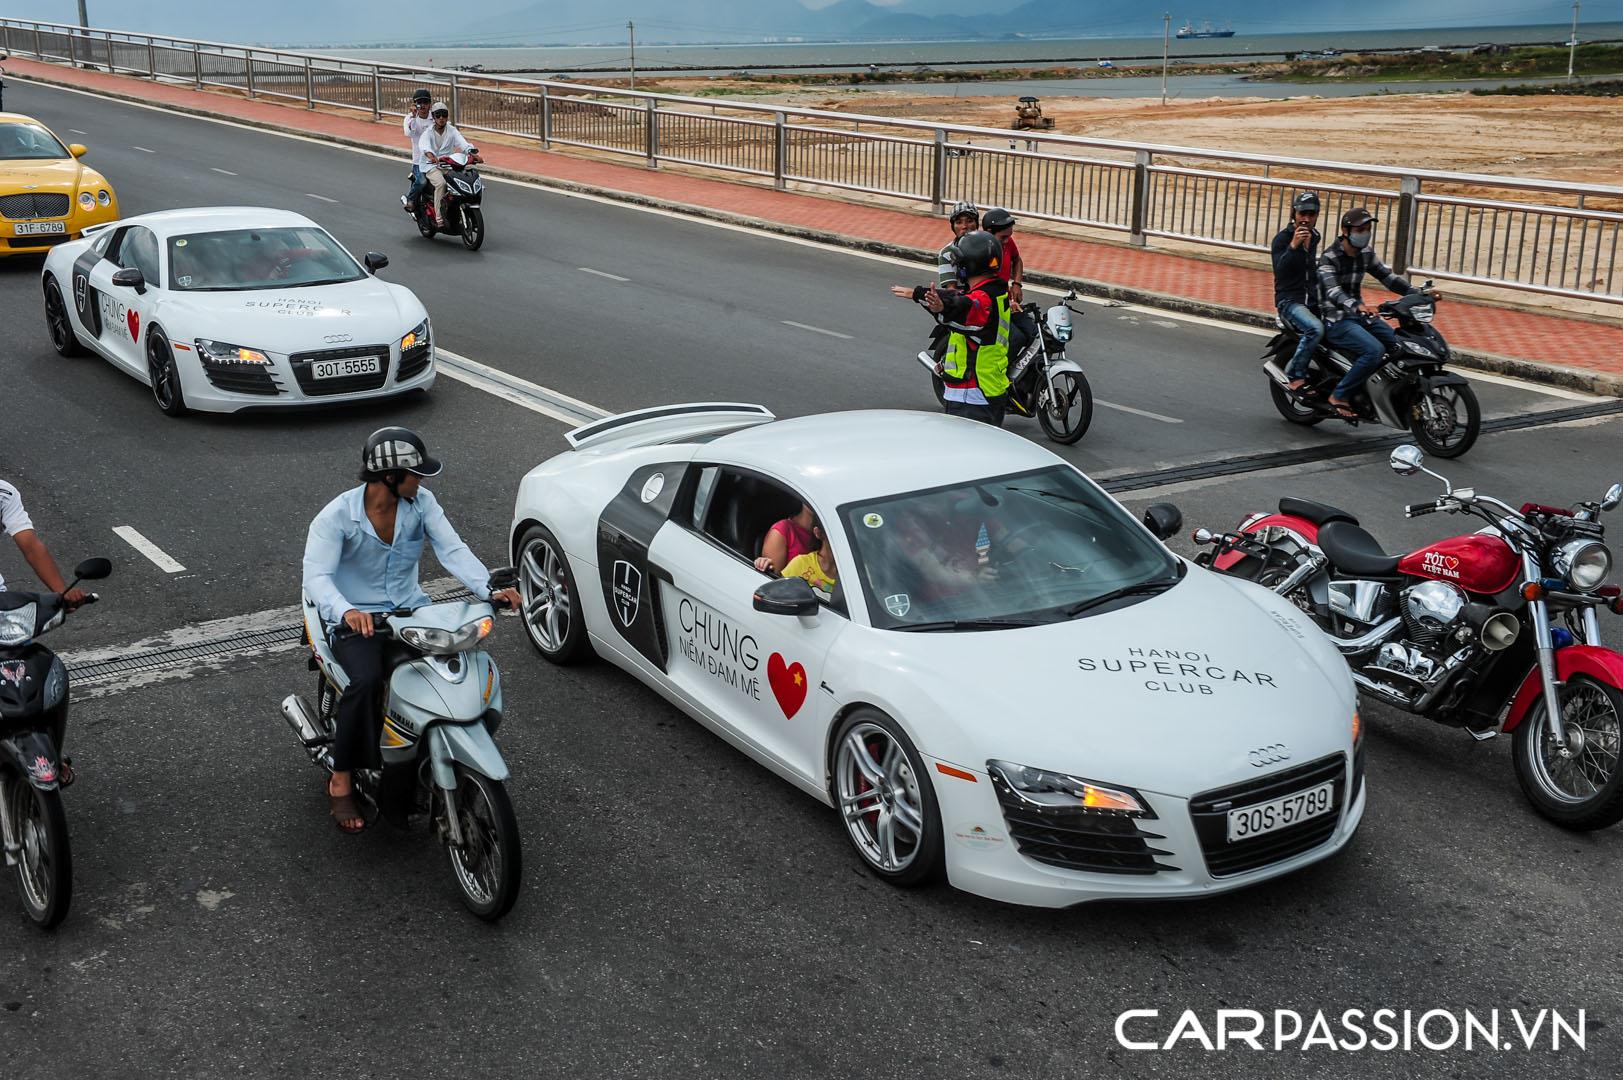 CP-Hành trình siêu xe CarPassion 2011 Day 5 (144).jpg